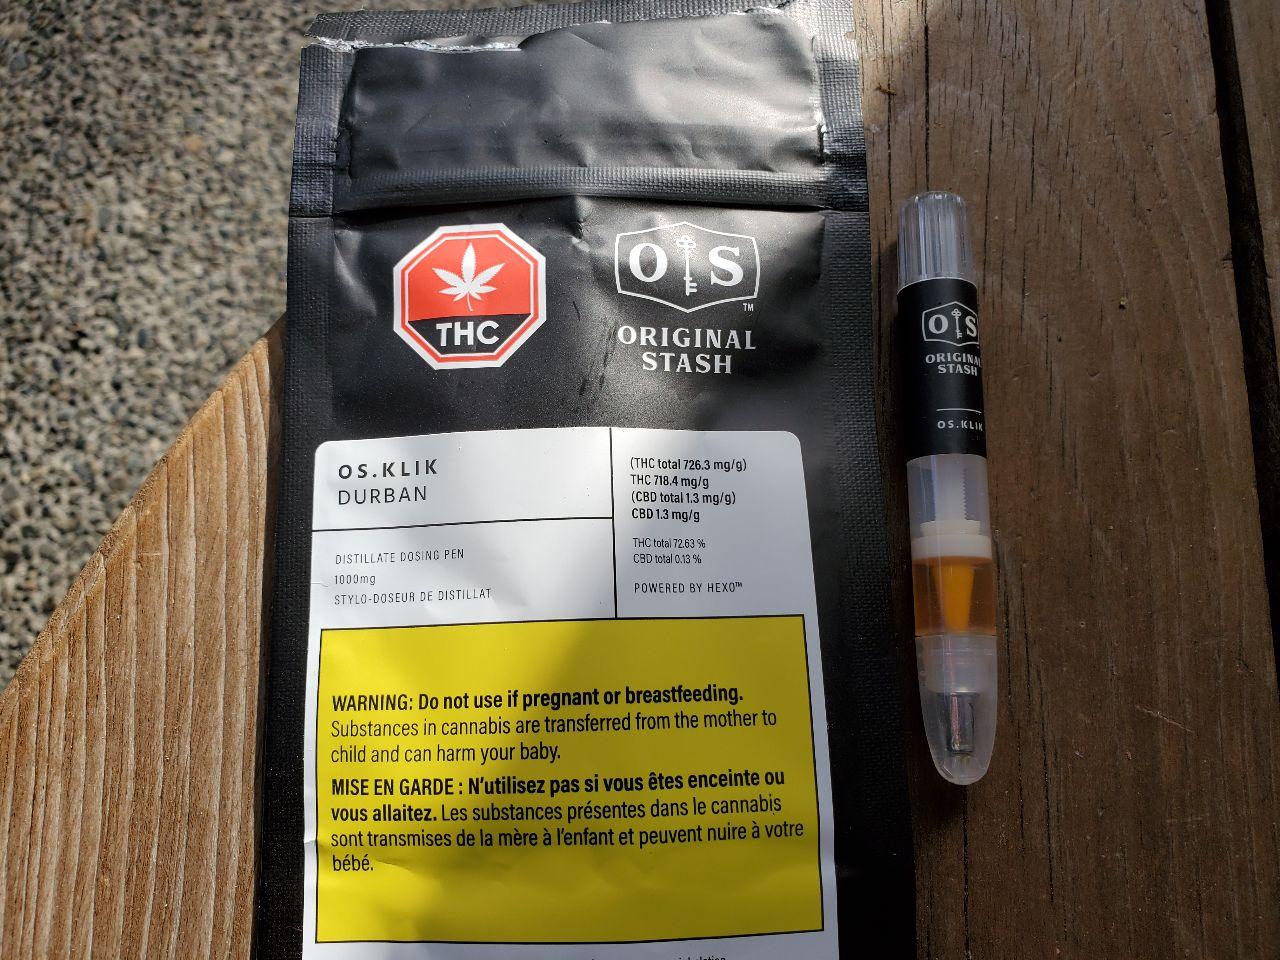 OS Klik Durban packaging